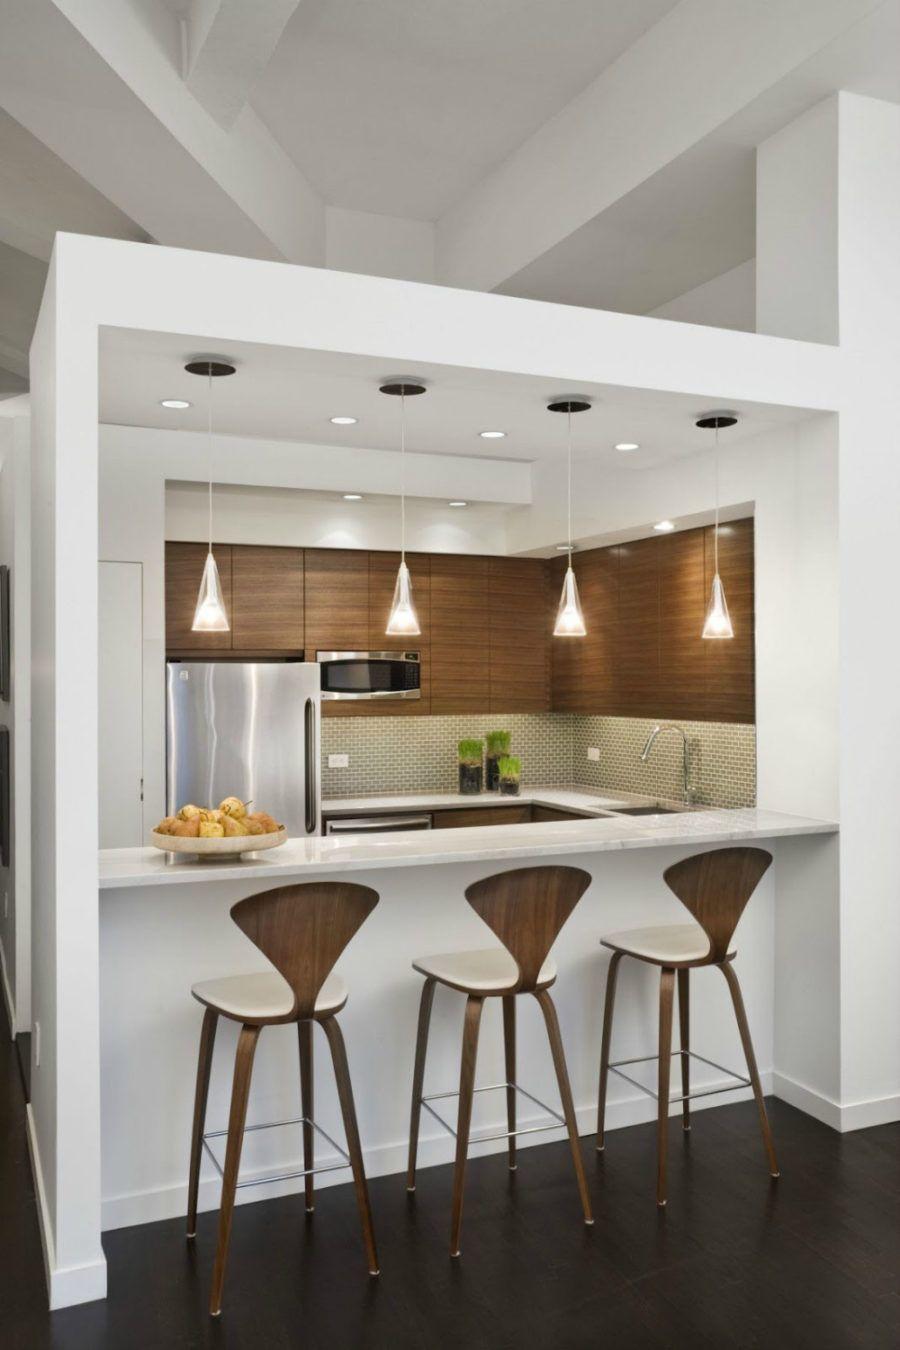 Loft-Apartment-Küche , Zeitgenössische Innenarchitektur Elemente ...